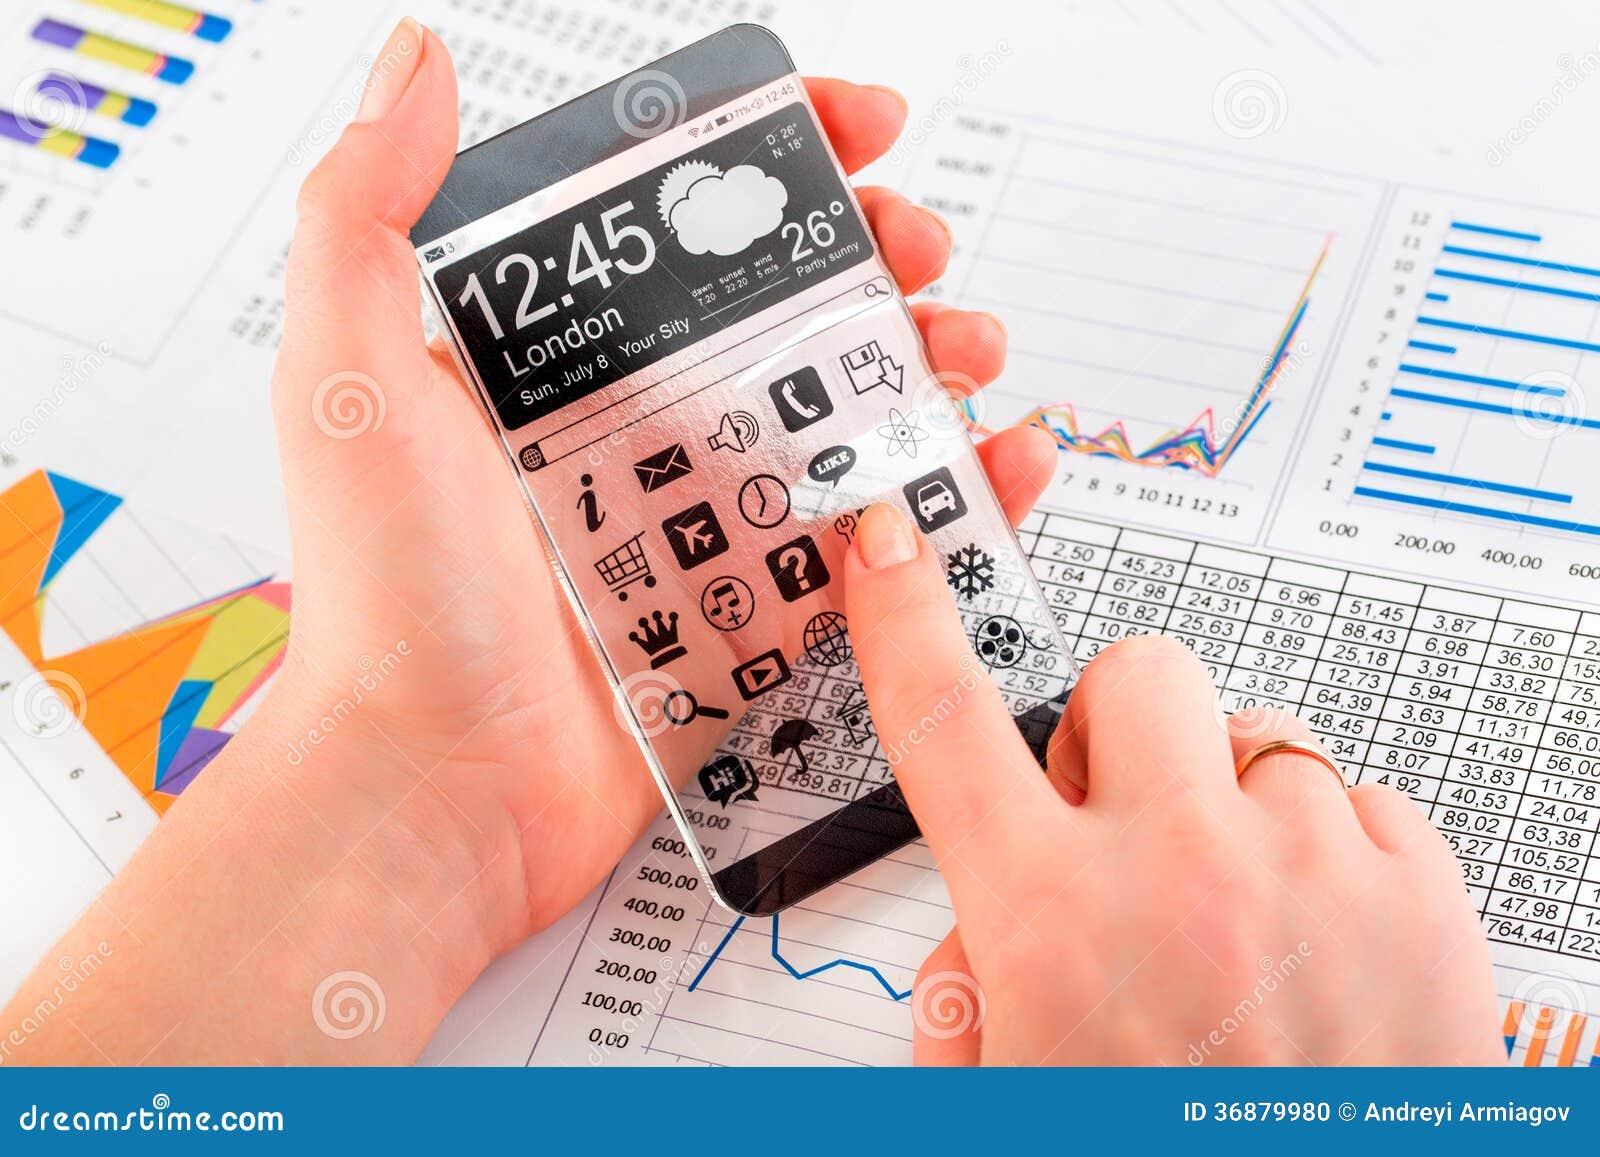 Download Smartphone Con Lo Schermo Trasparente In Mani Umane. Illustrazione di Stock - Illustrazione di icone, innovazione: 36879980